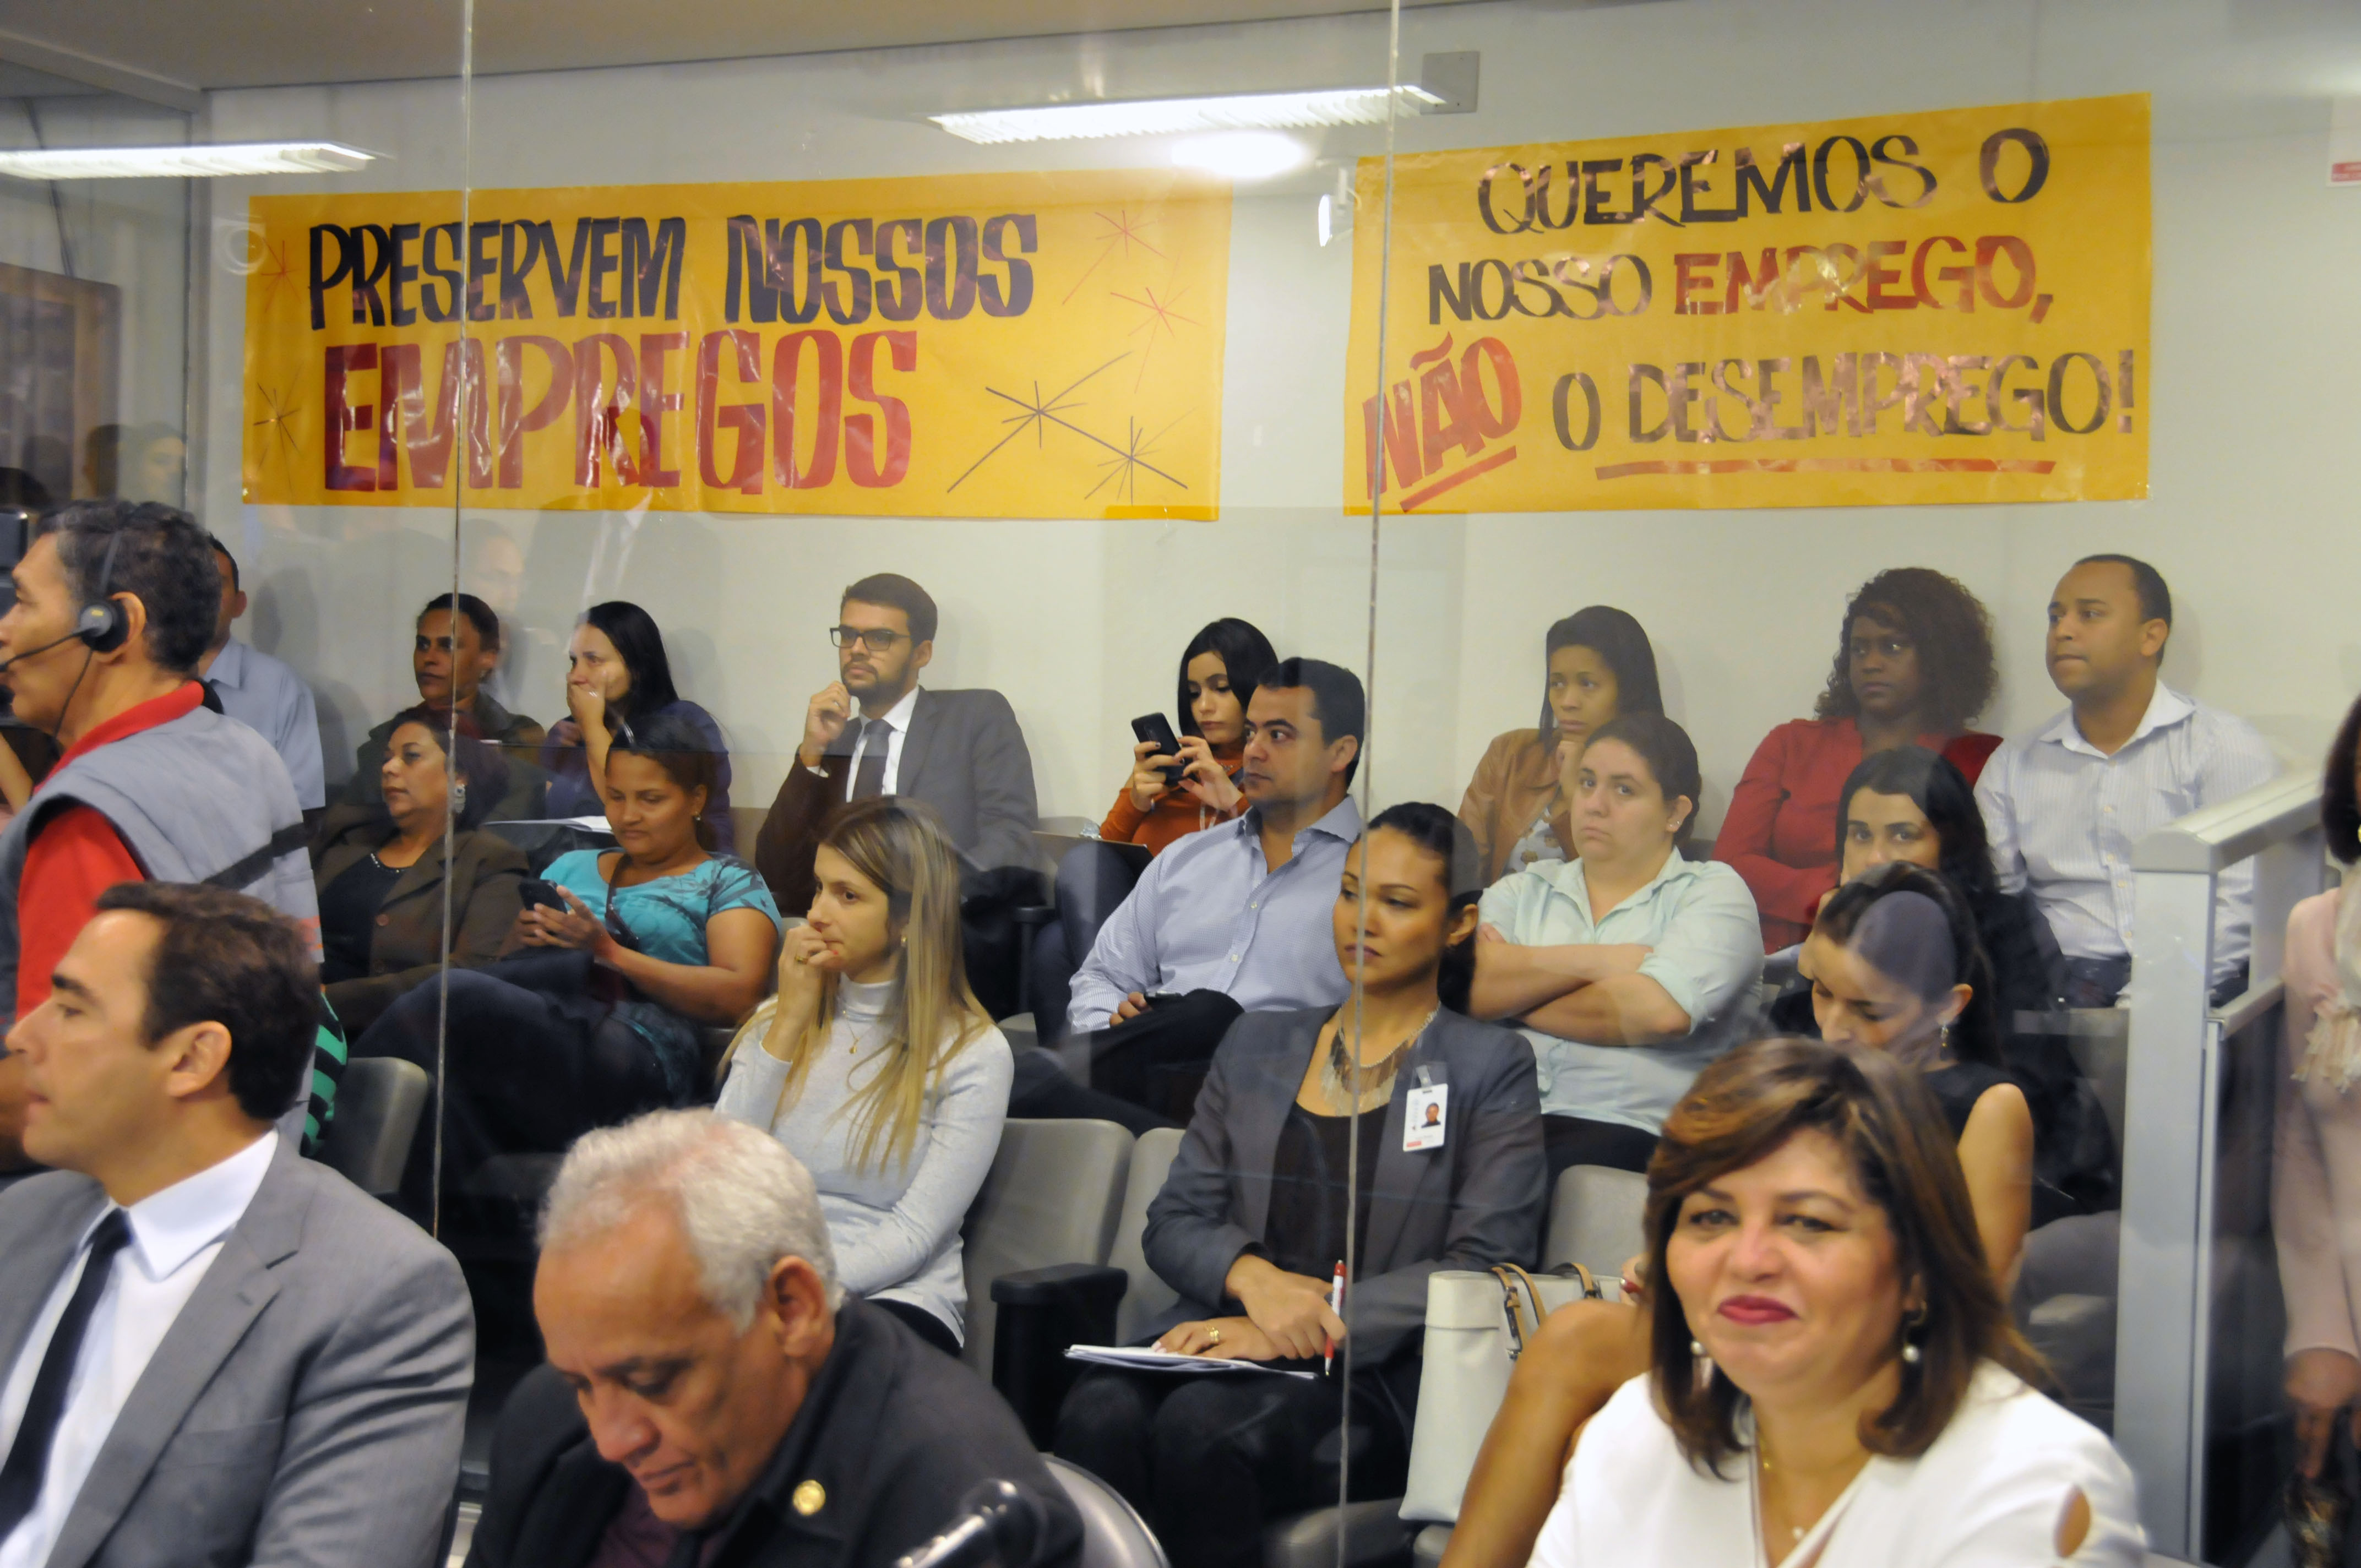 Participantes da reunião protestaram contra projetos que defendem fechamento de mercados aos domingos - Foto: Pollyanna Maliniak